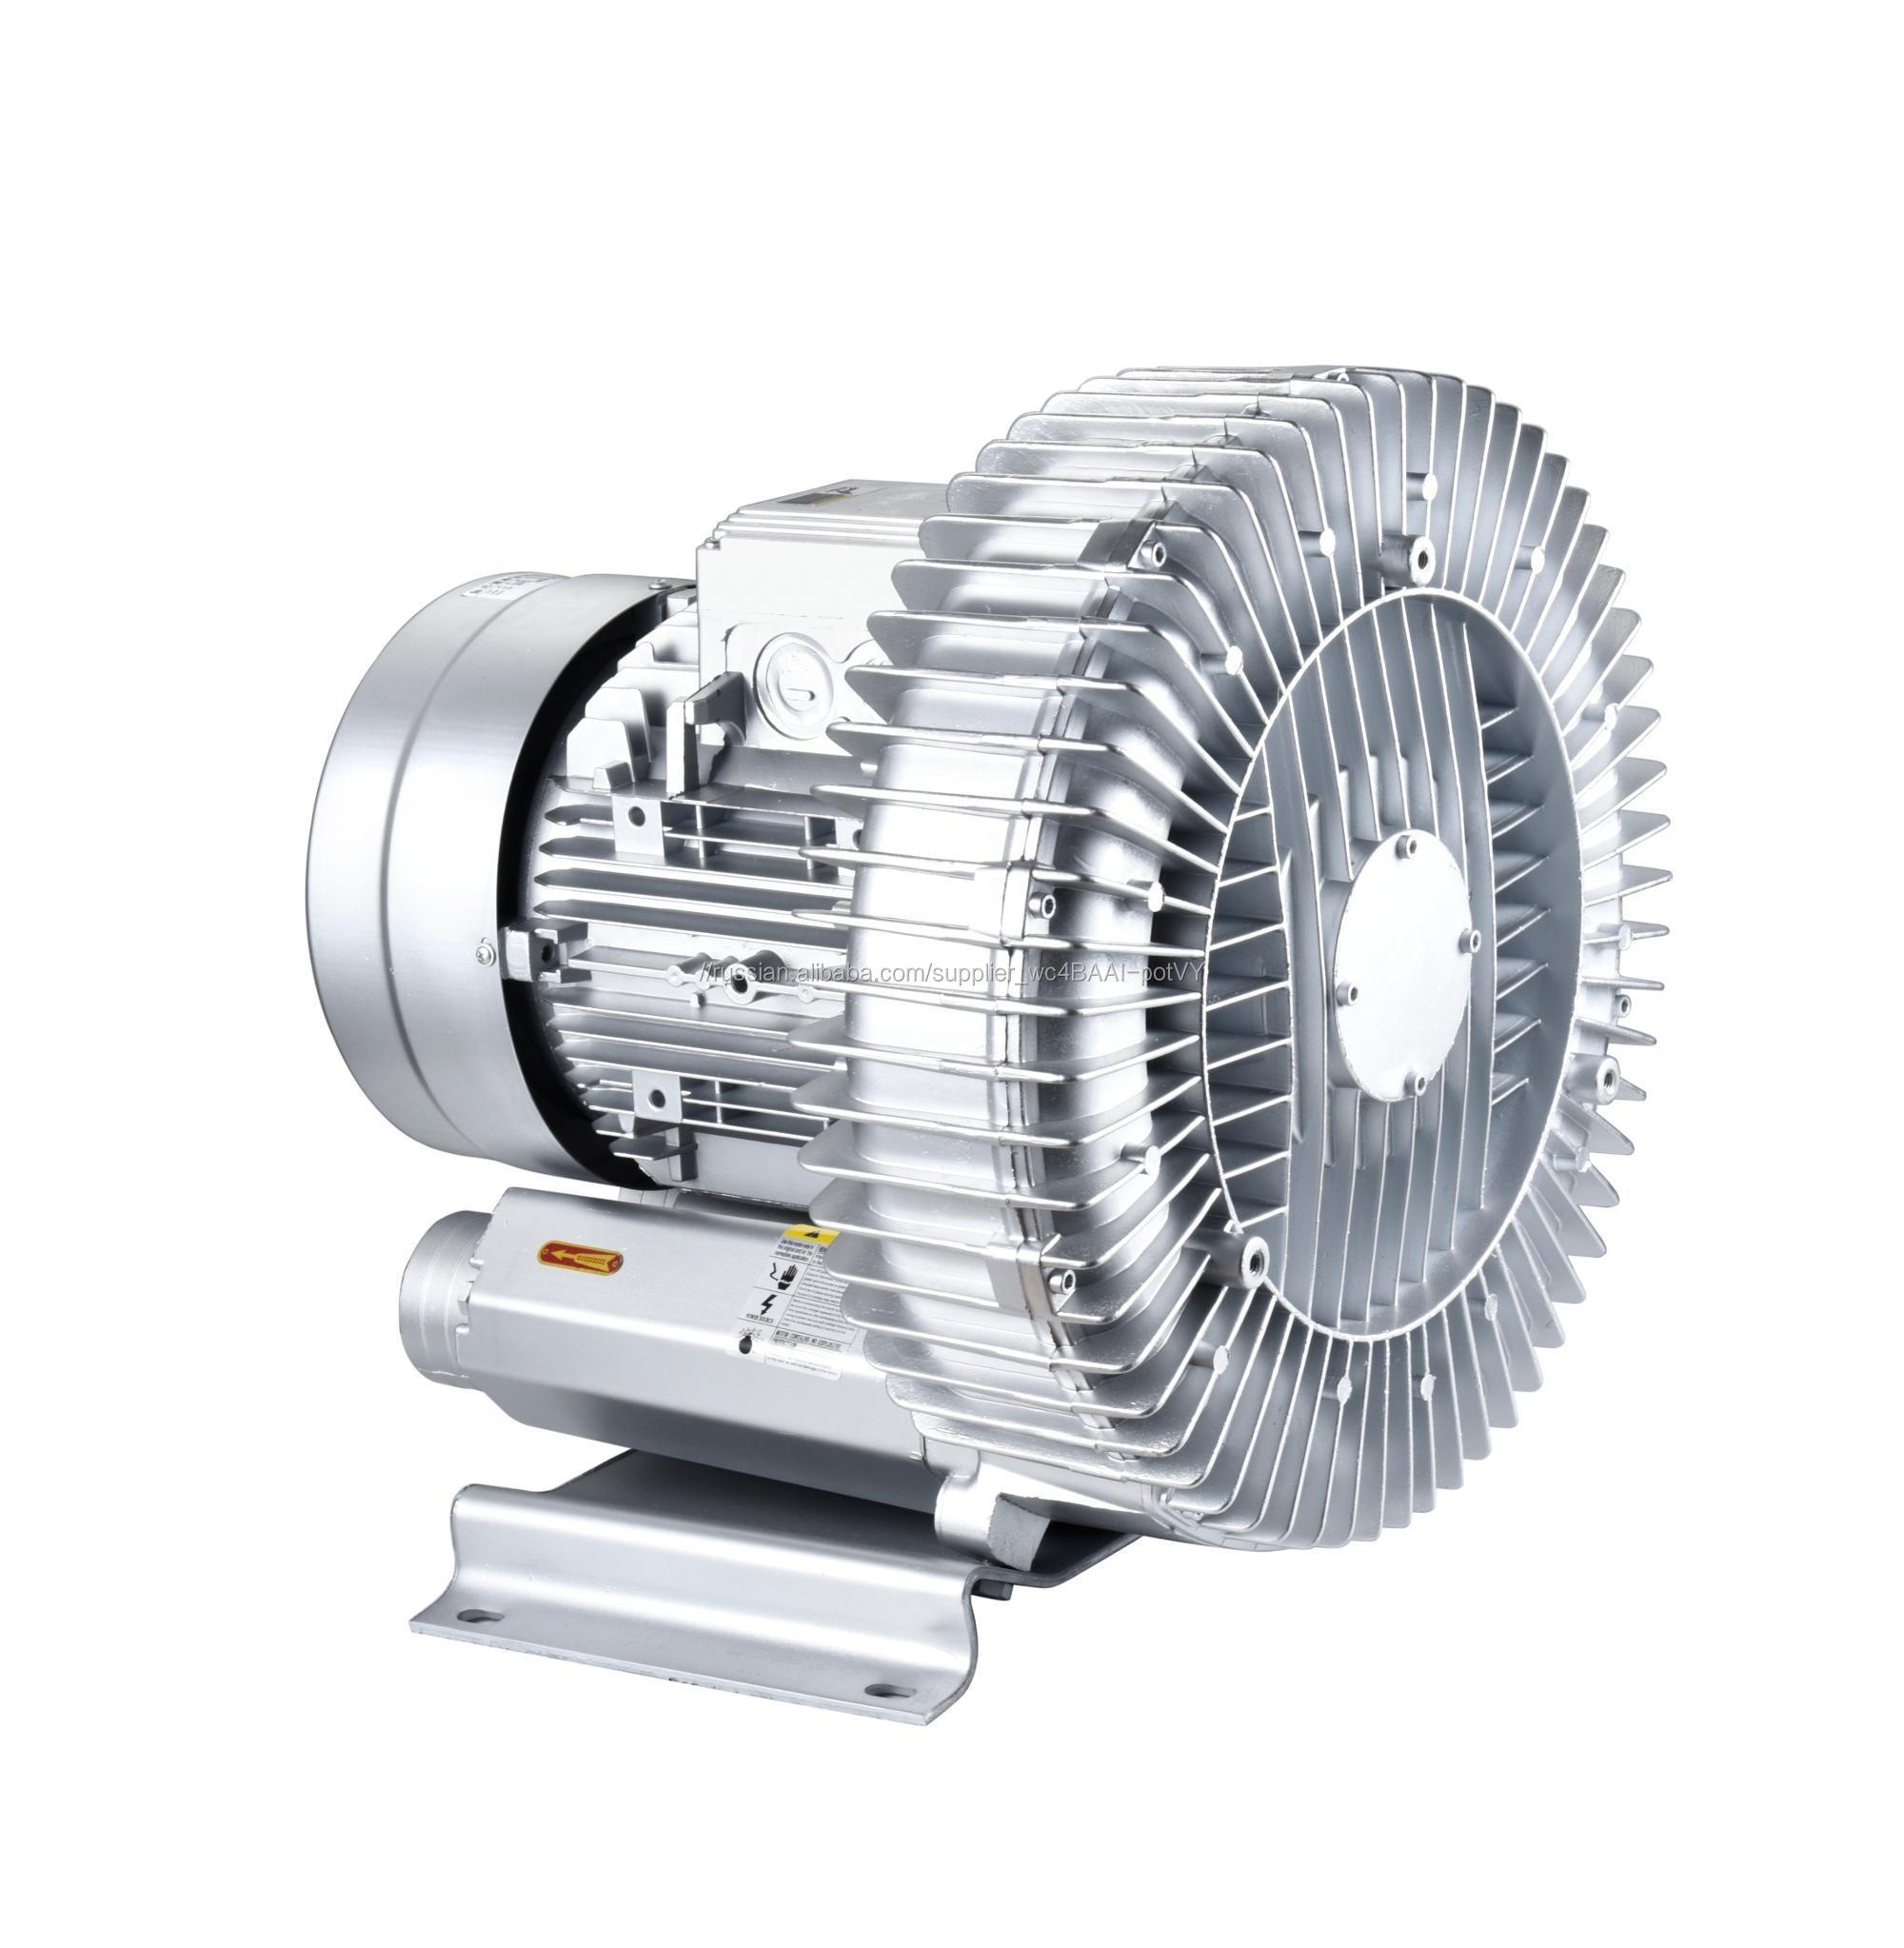 Промышленные воздуходувки <span class=keywords><strong>приложения</strong></span> и 110 В-415 В Номинальное напряжение высокого давления Электрический воздушный насос